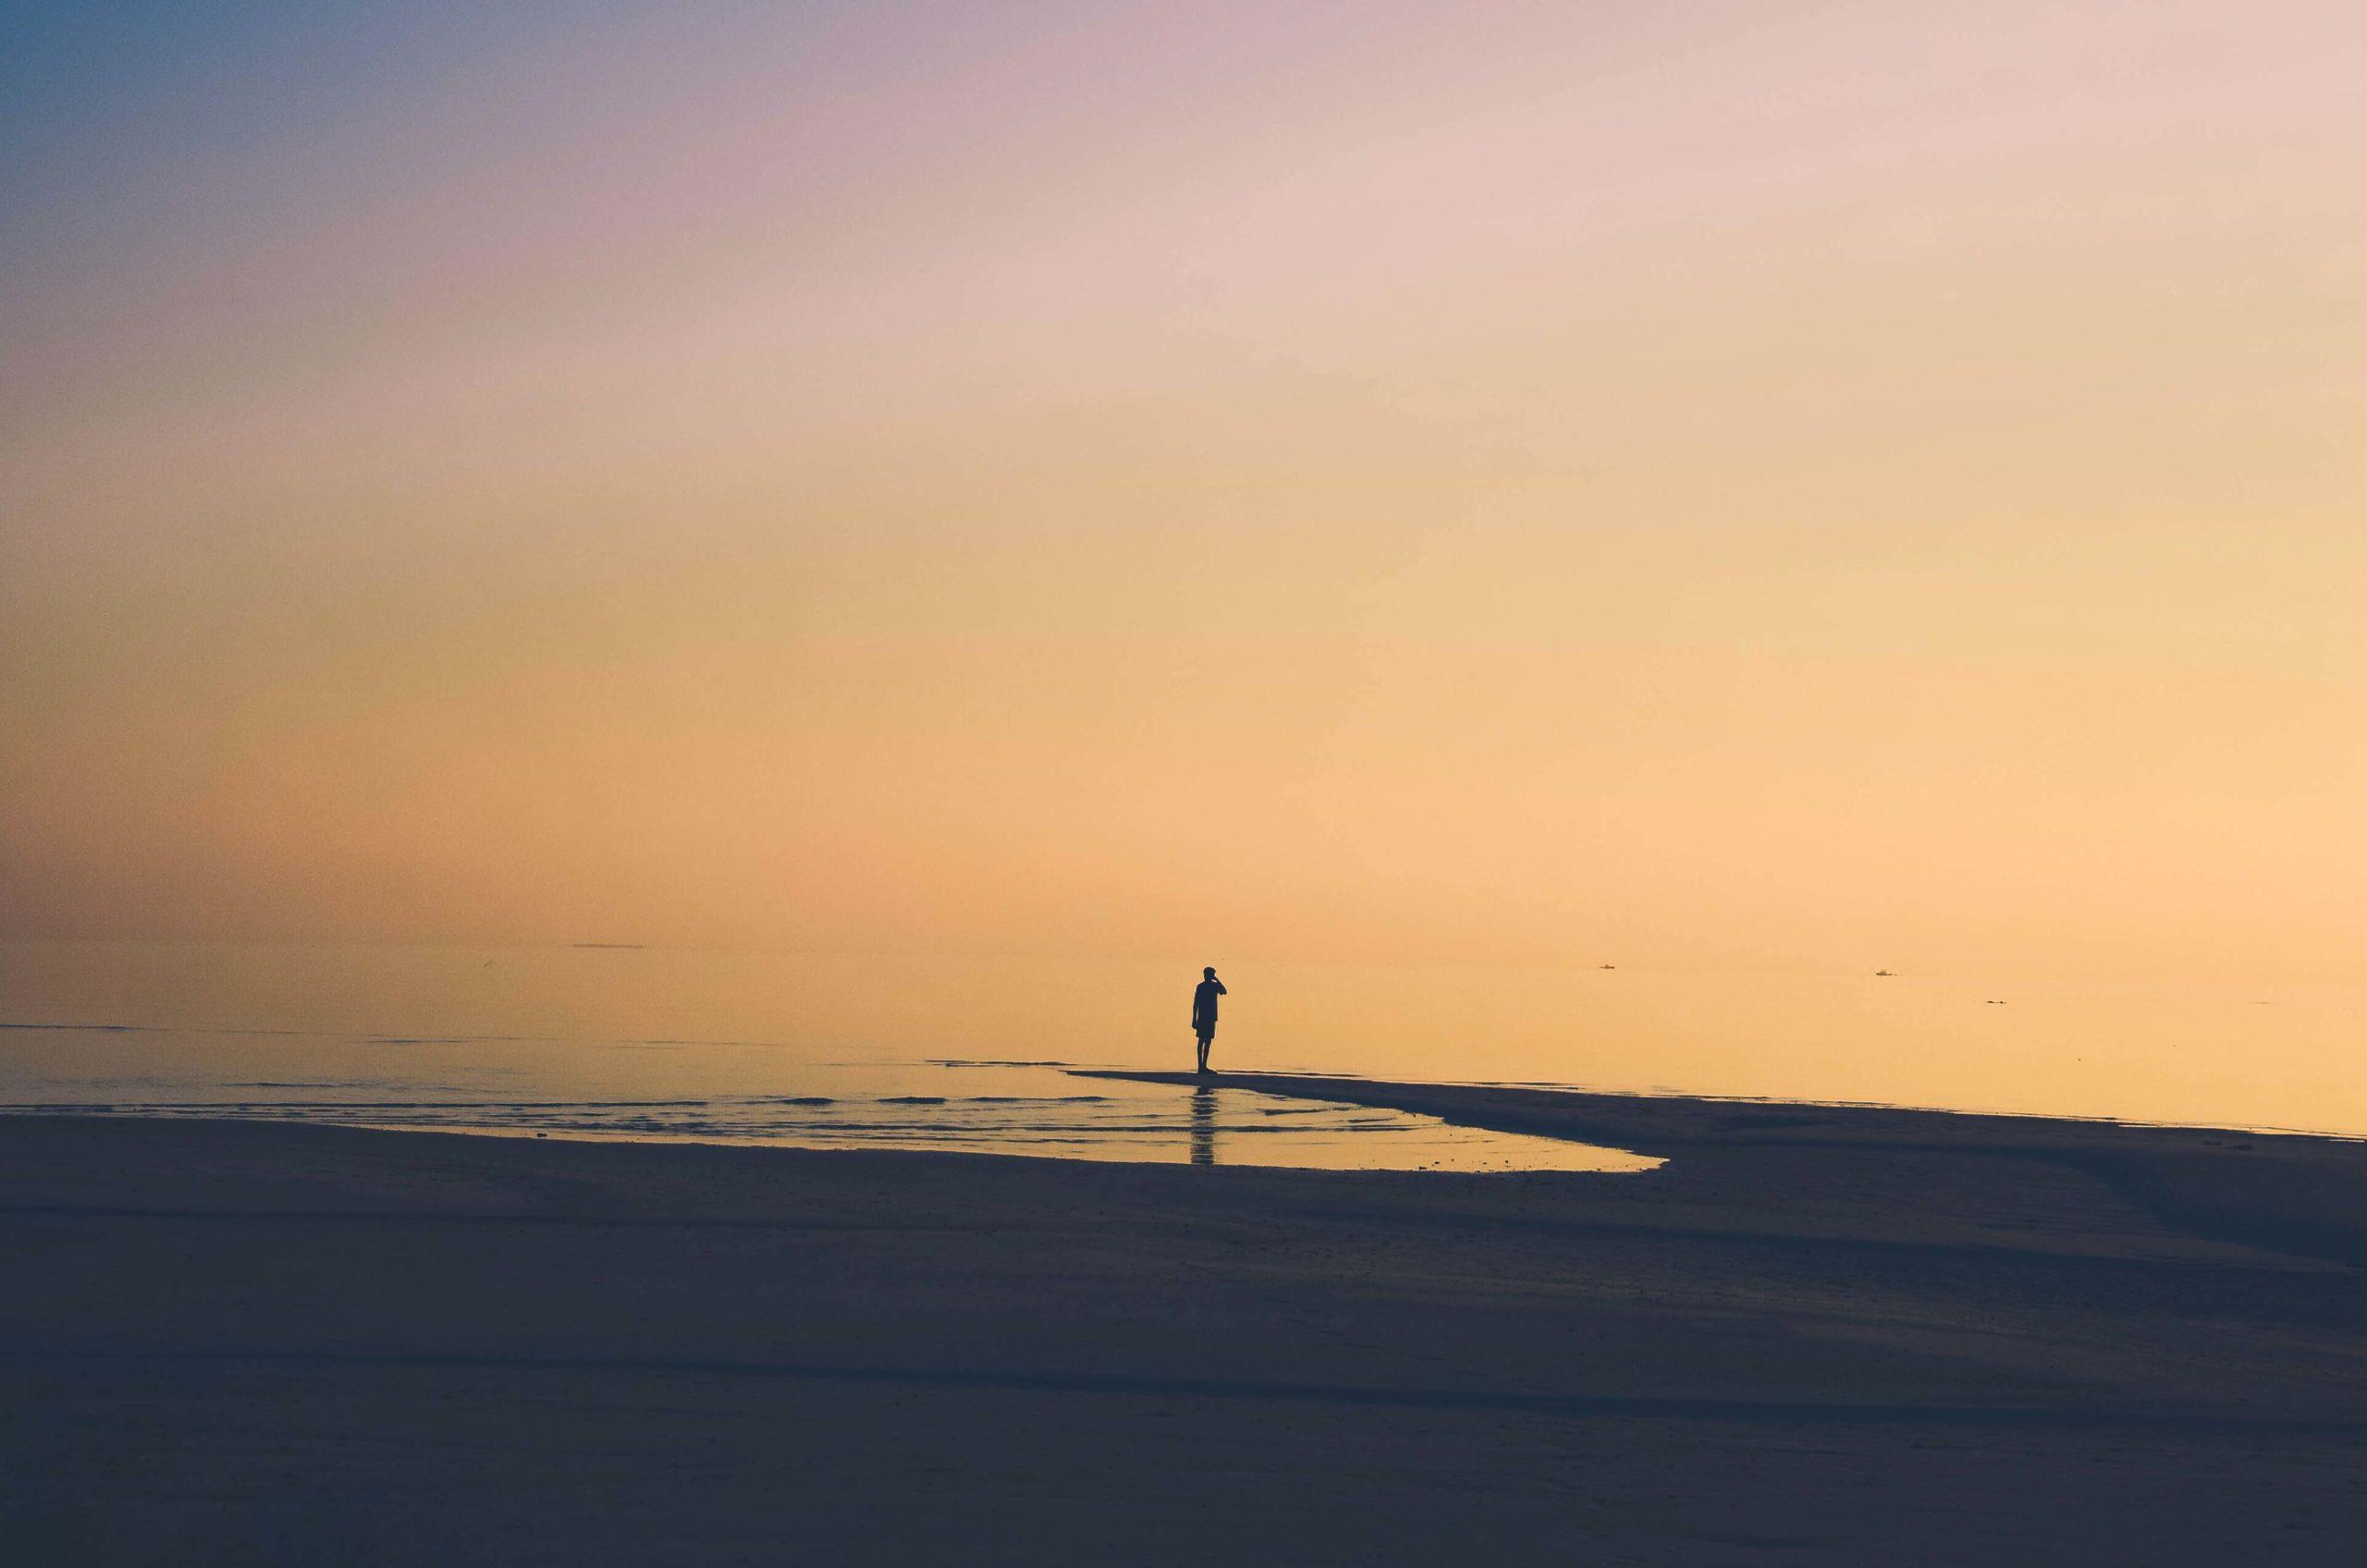 Conoce el poder metabólico de la calma y aprende a vivir más alegre